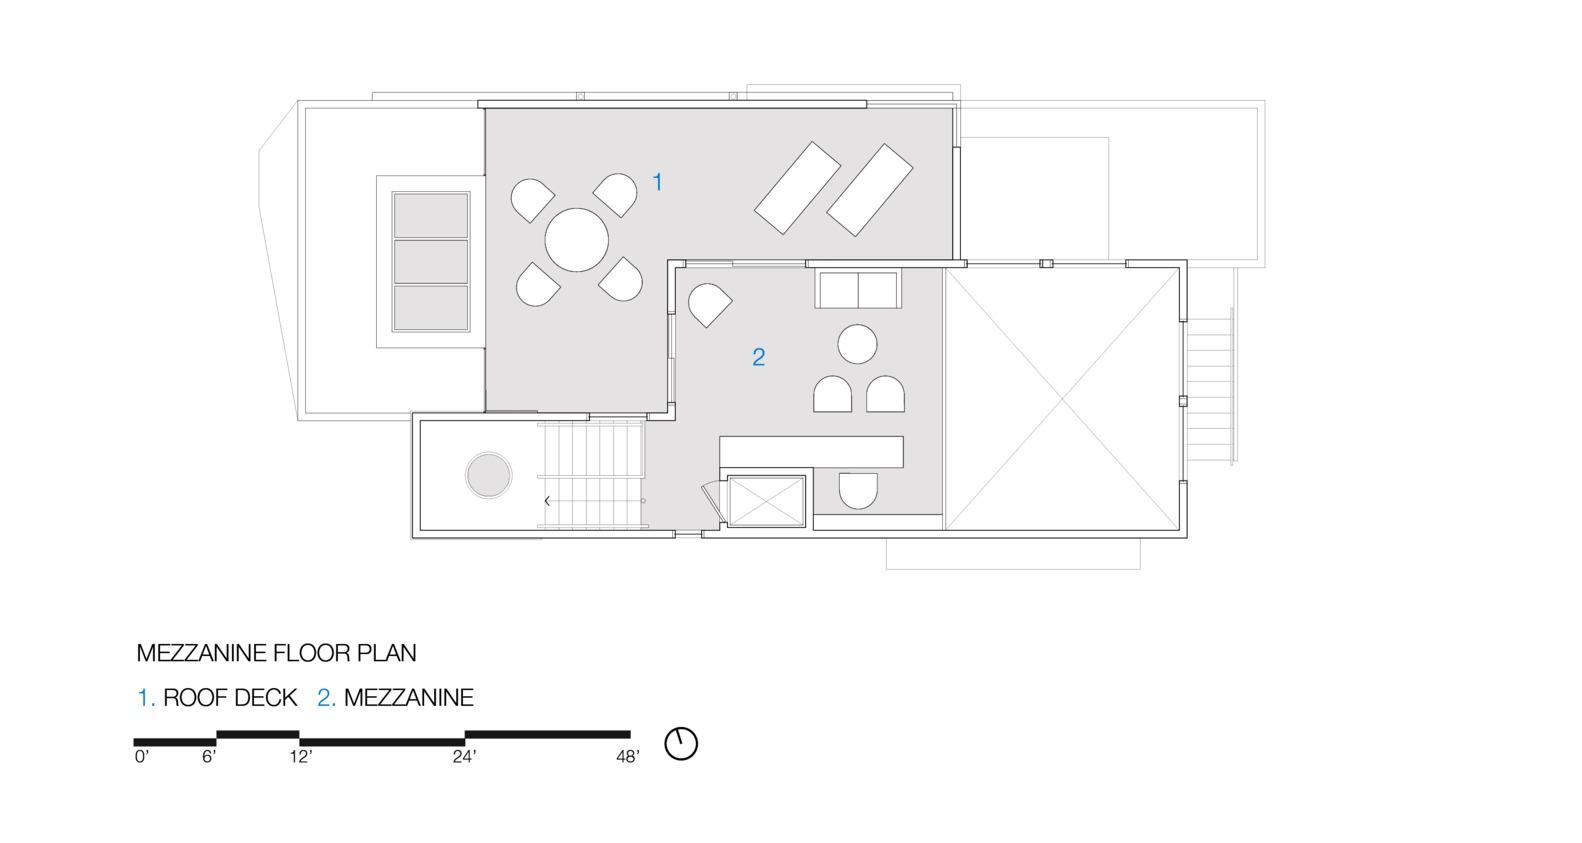 Großartig Proline Ballast Schaltplan Galerie - Der Schaltplan ...